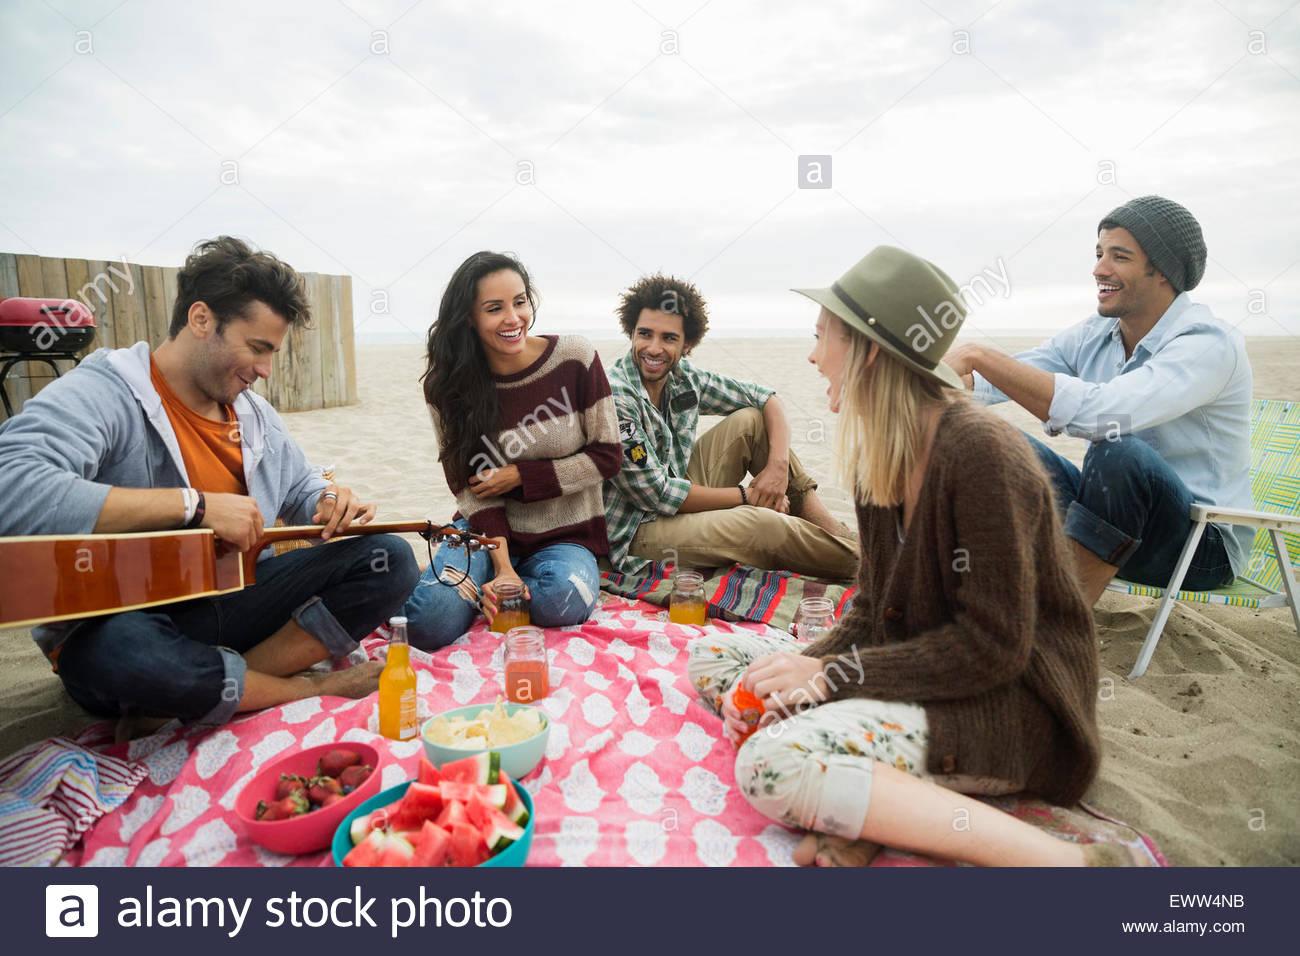 Sus amigos tocando la guitarra picnic en la playa Imagen De Stock